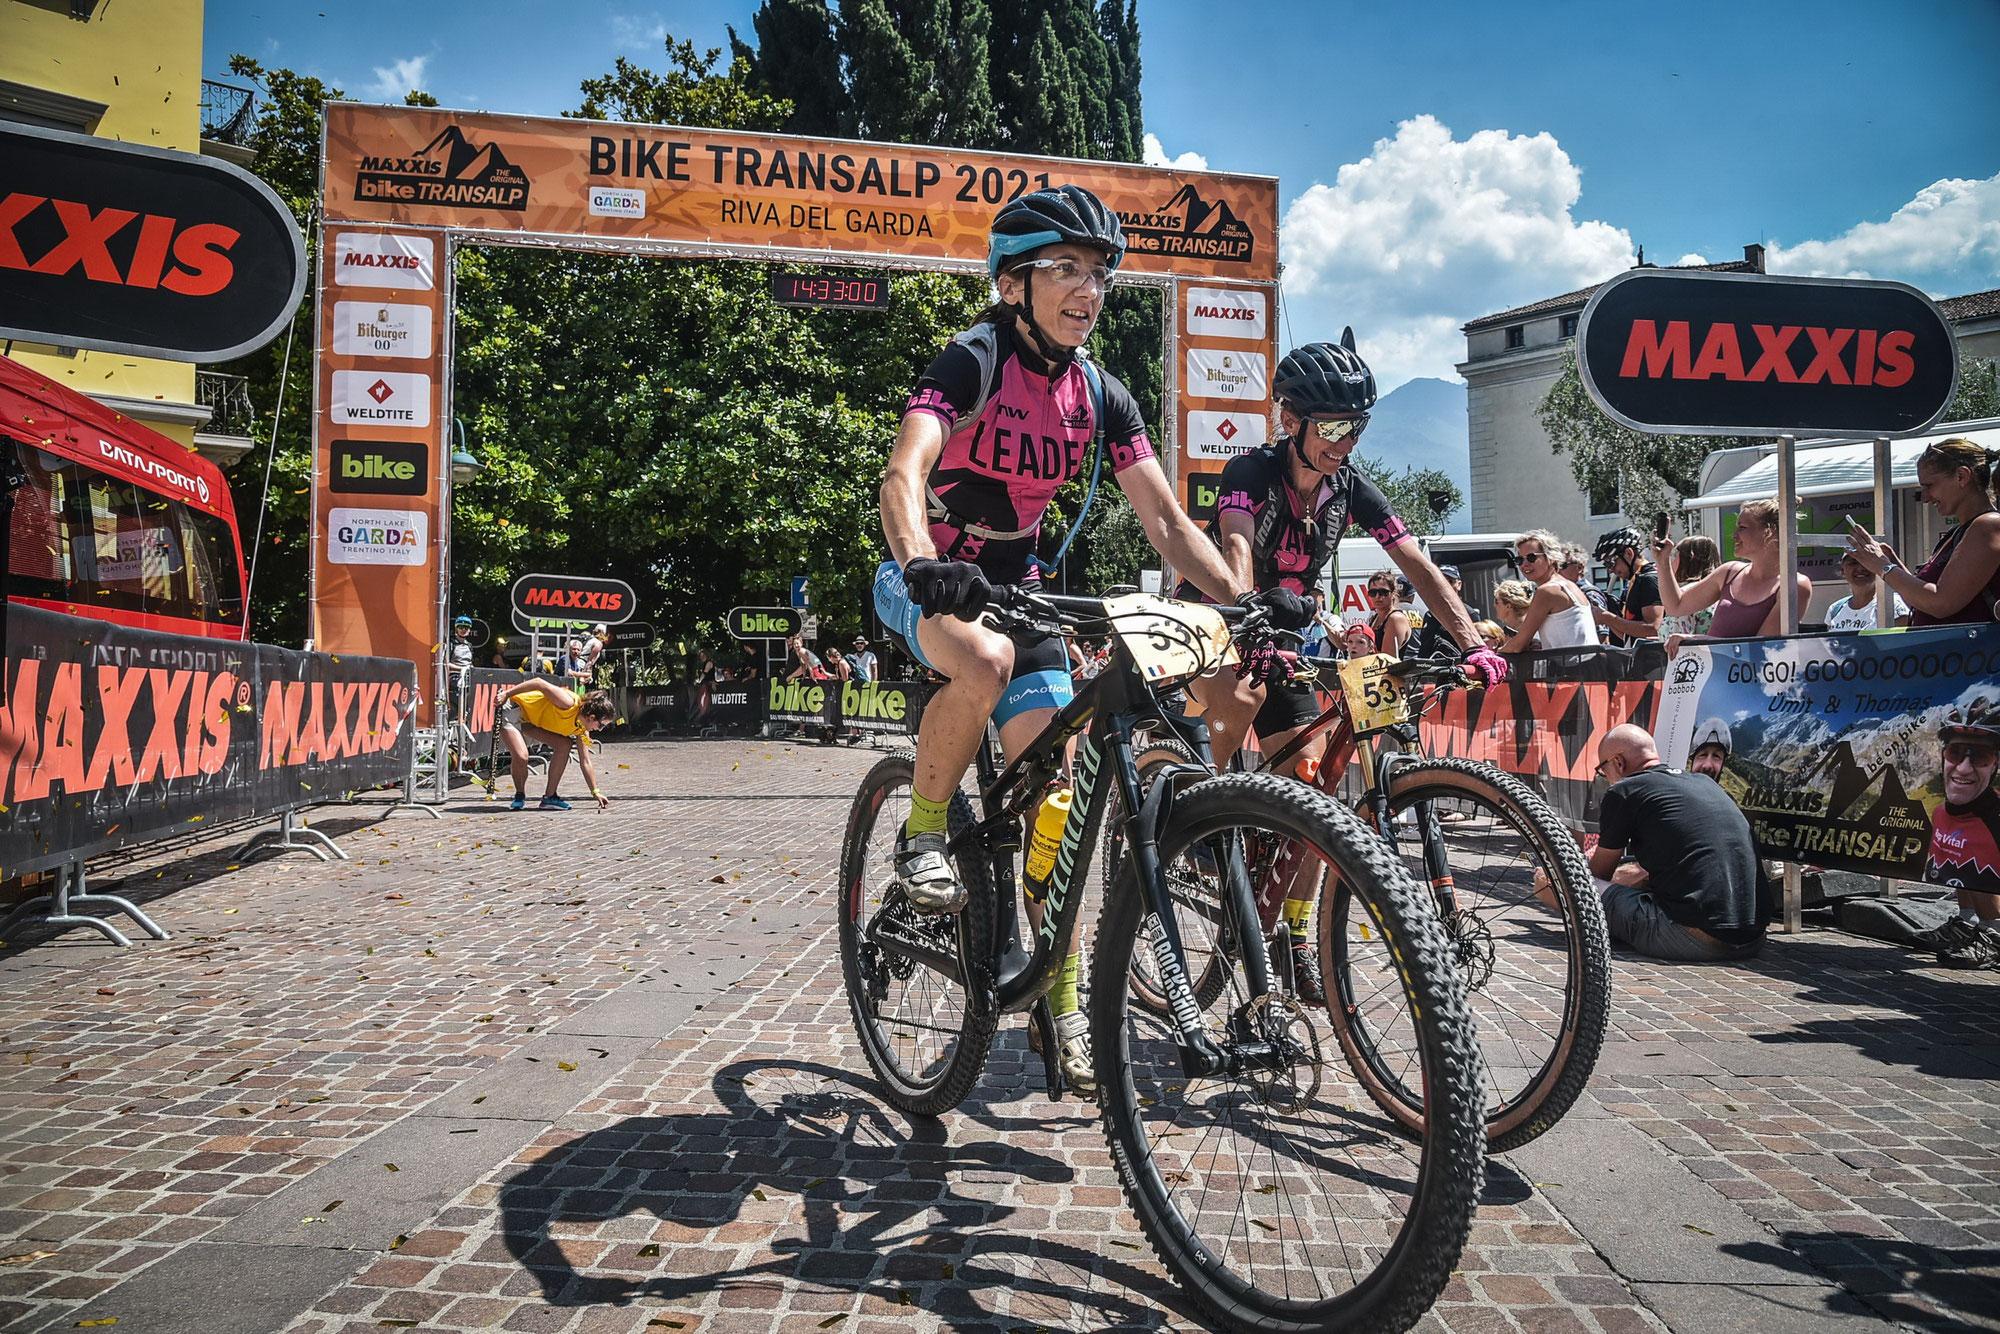 Sieg von Danièle Troesch und Lorenza Menapace bei der Bike Transalp